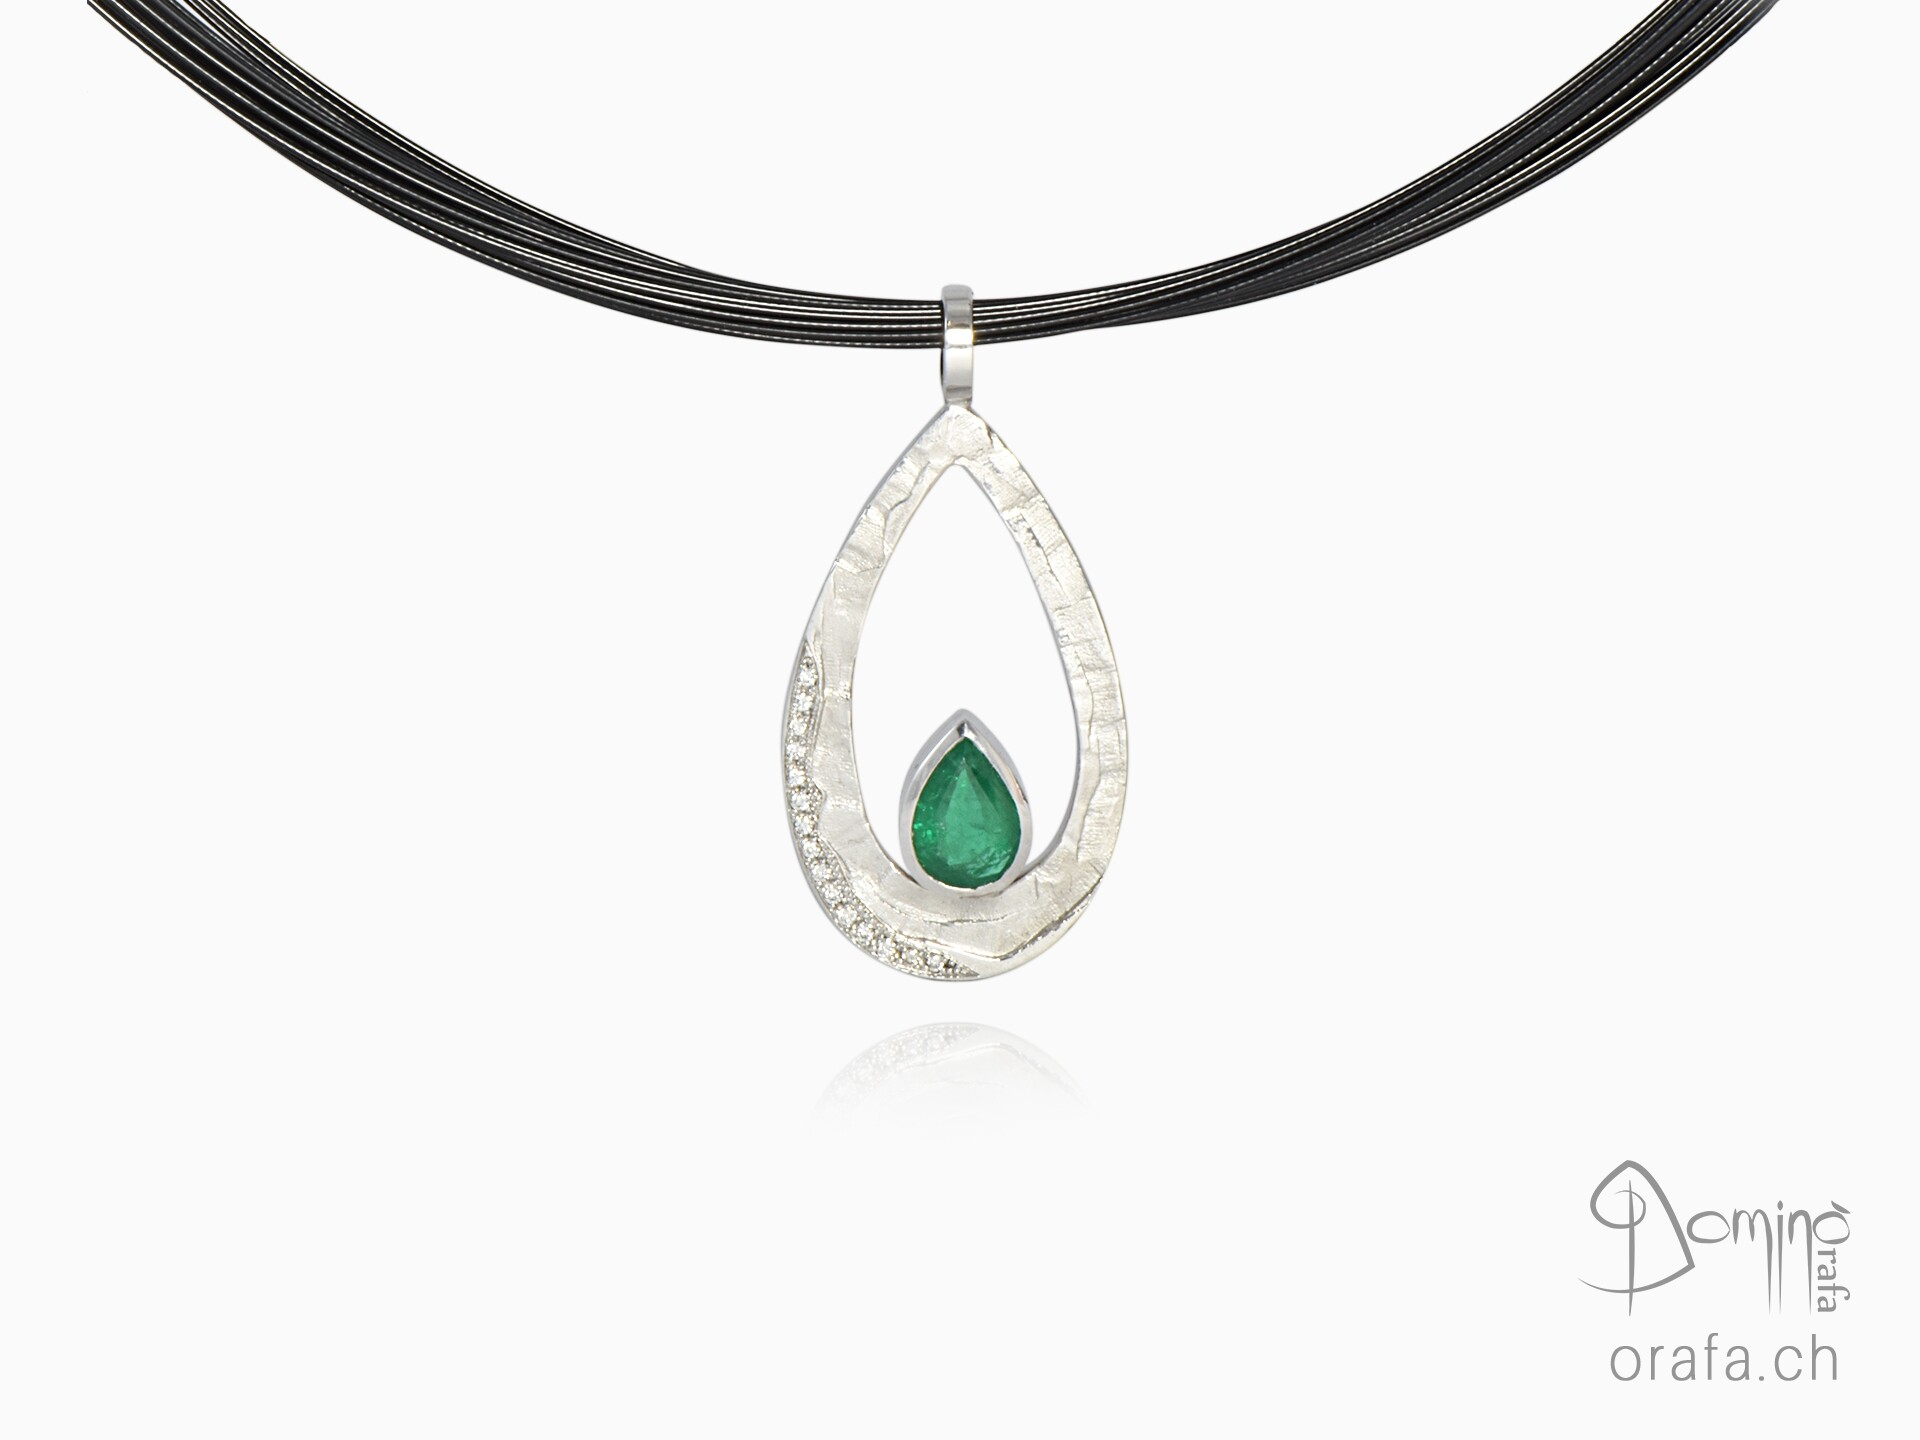 Ciondolo Sentiero con smeraldo e diamanti